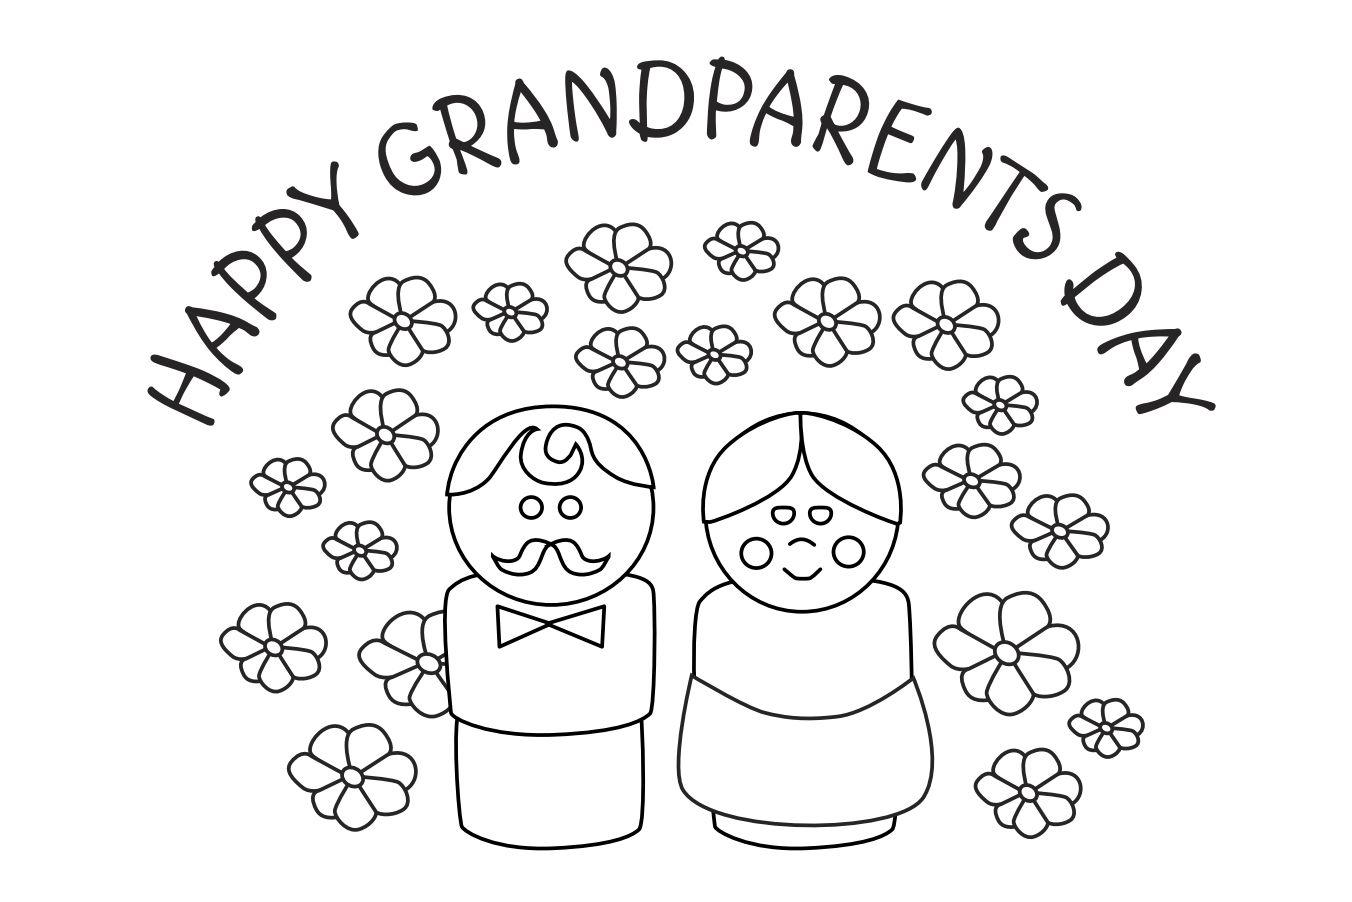 Открытка бабушке на день рождения раскраска от внука